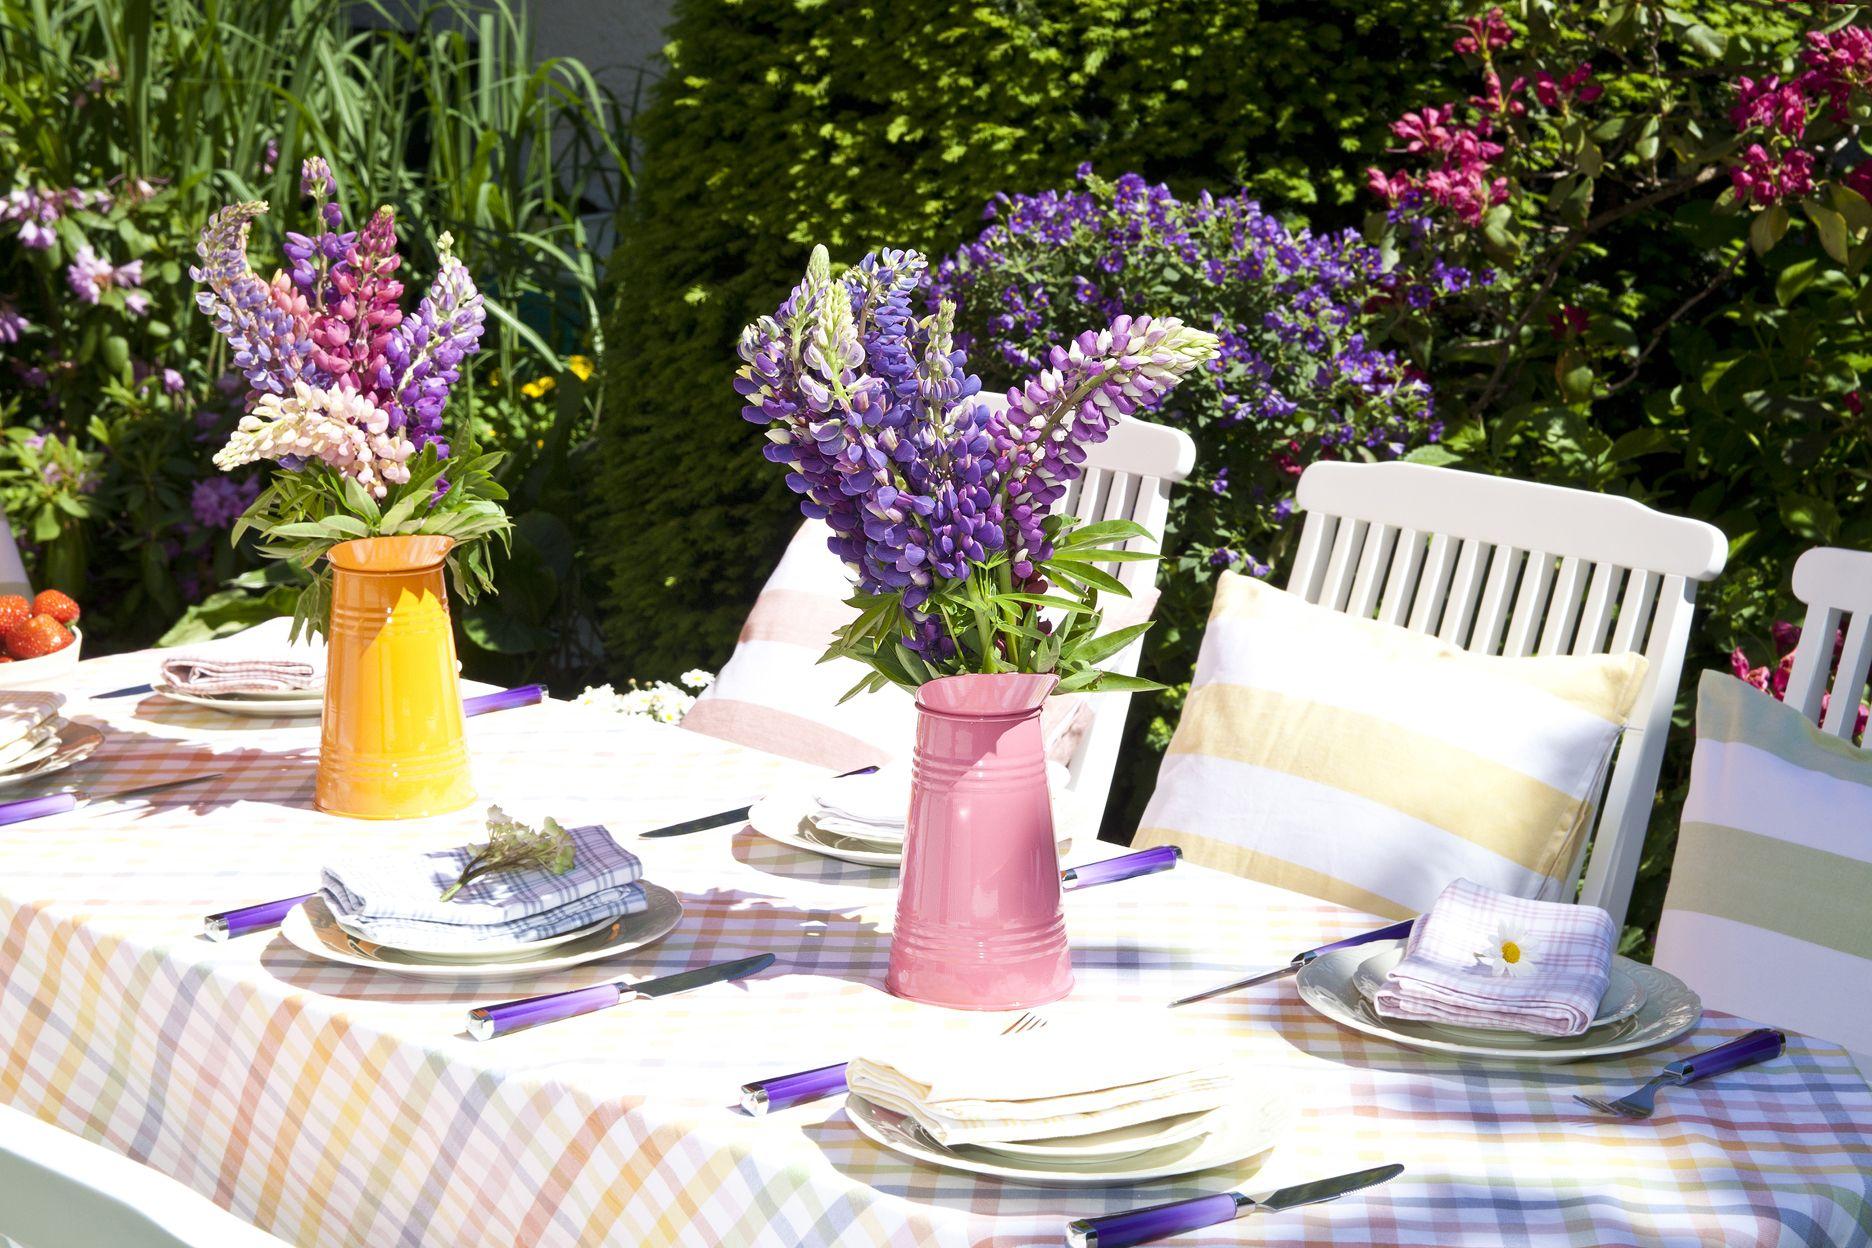 Даже в самом минималистичном декоре небольшой букет сезонных цветов всегда будет смотреться к месту, оживлять не только стол, но и все помещение. Ежедневный декор не требует огромных букетов – вполне достаточно трех-пяти тюльпанов или гиацинтов в минималистичной вазе.